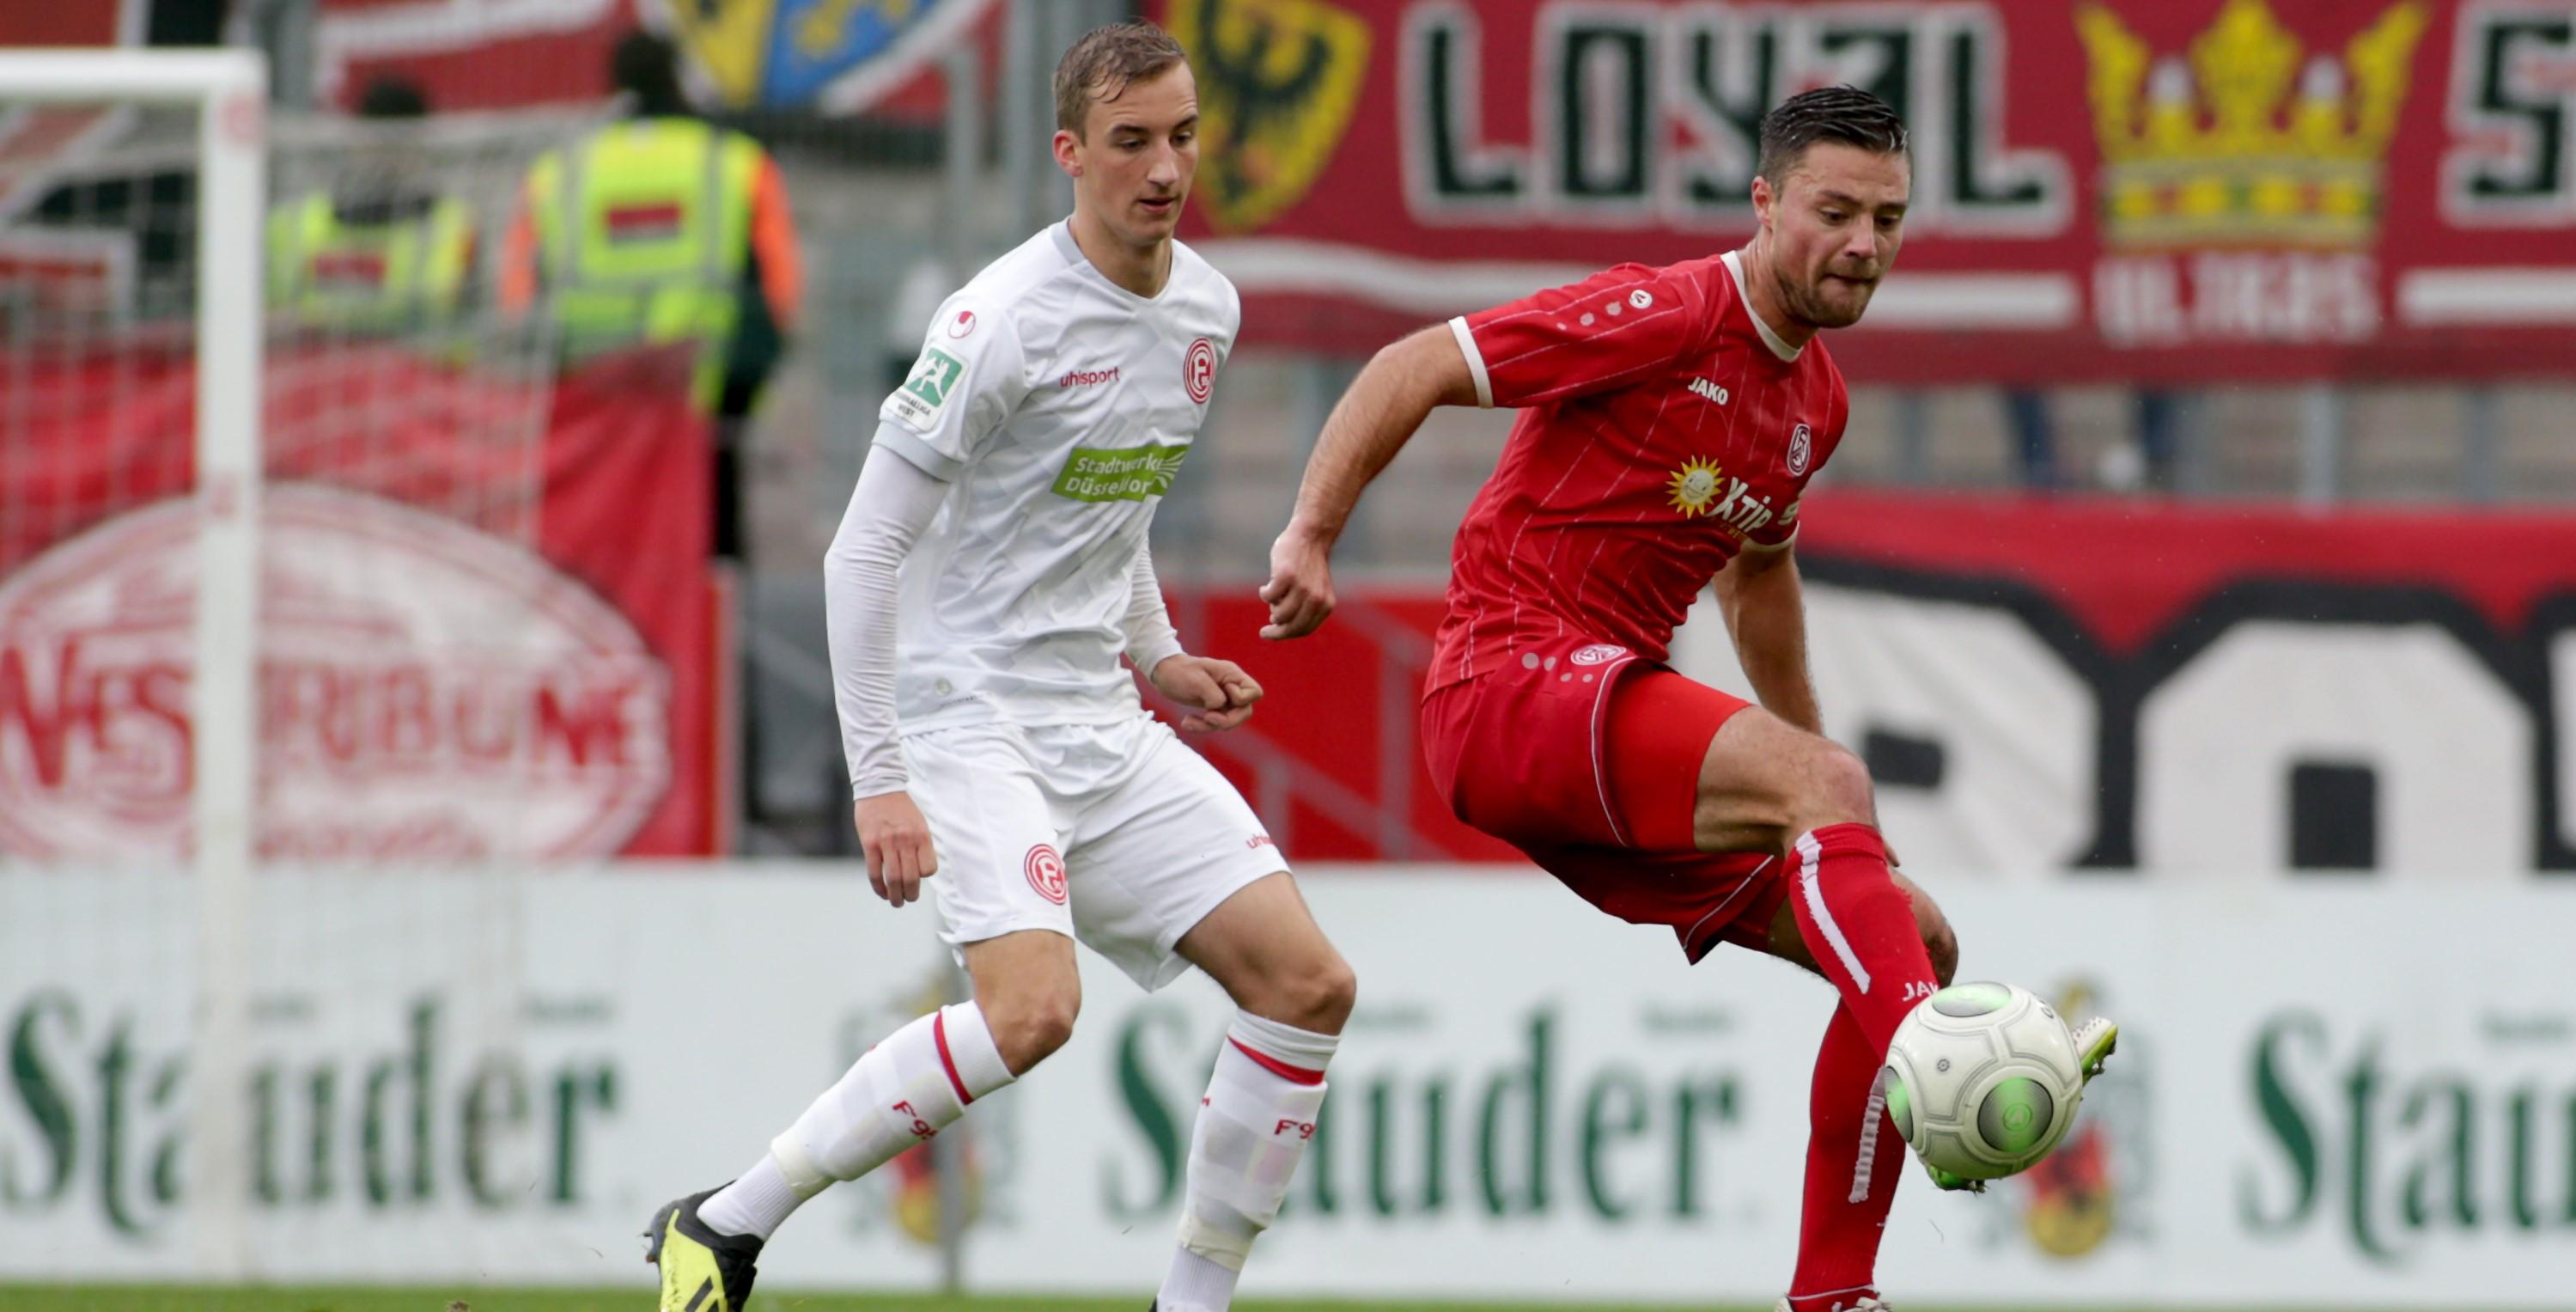 Keine Punkte gab es für die Rot-Weissen im Heimspiel gegen Düsseldorf. (Foto: Endberg)